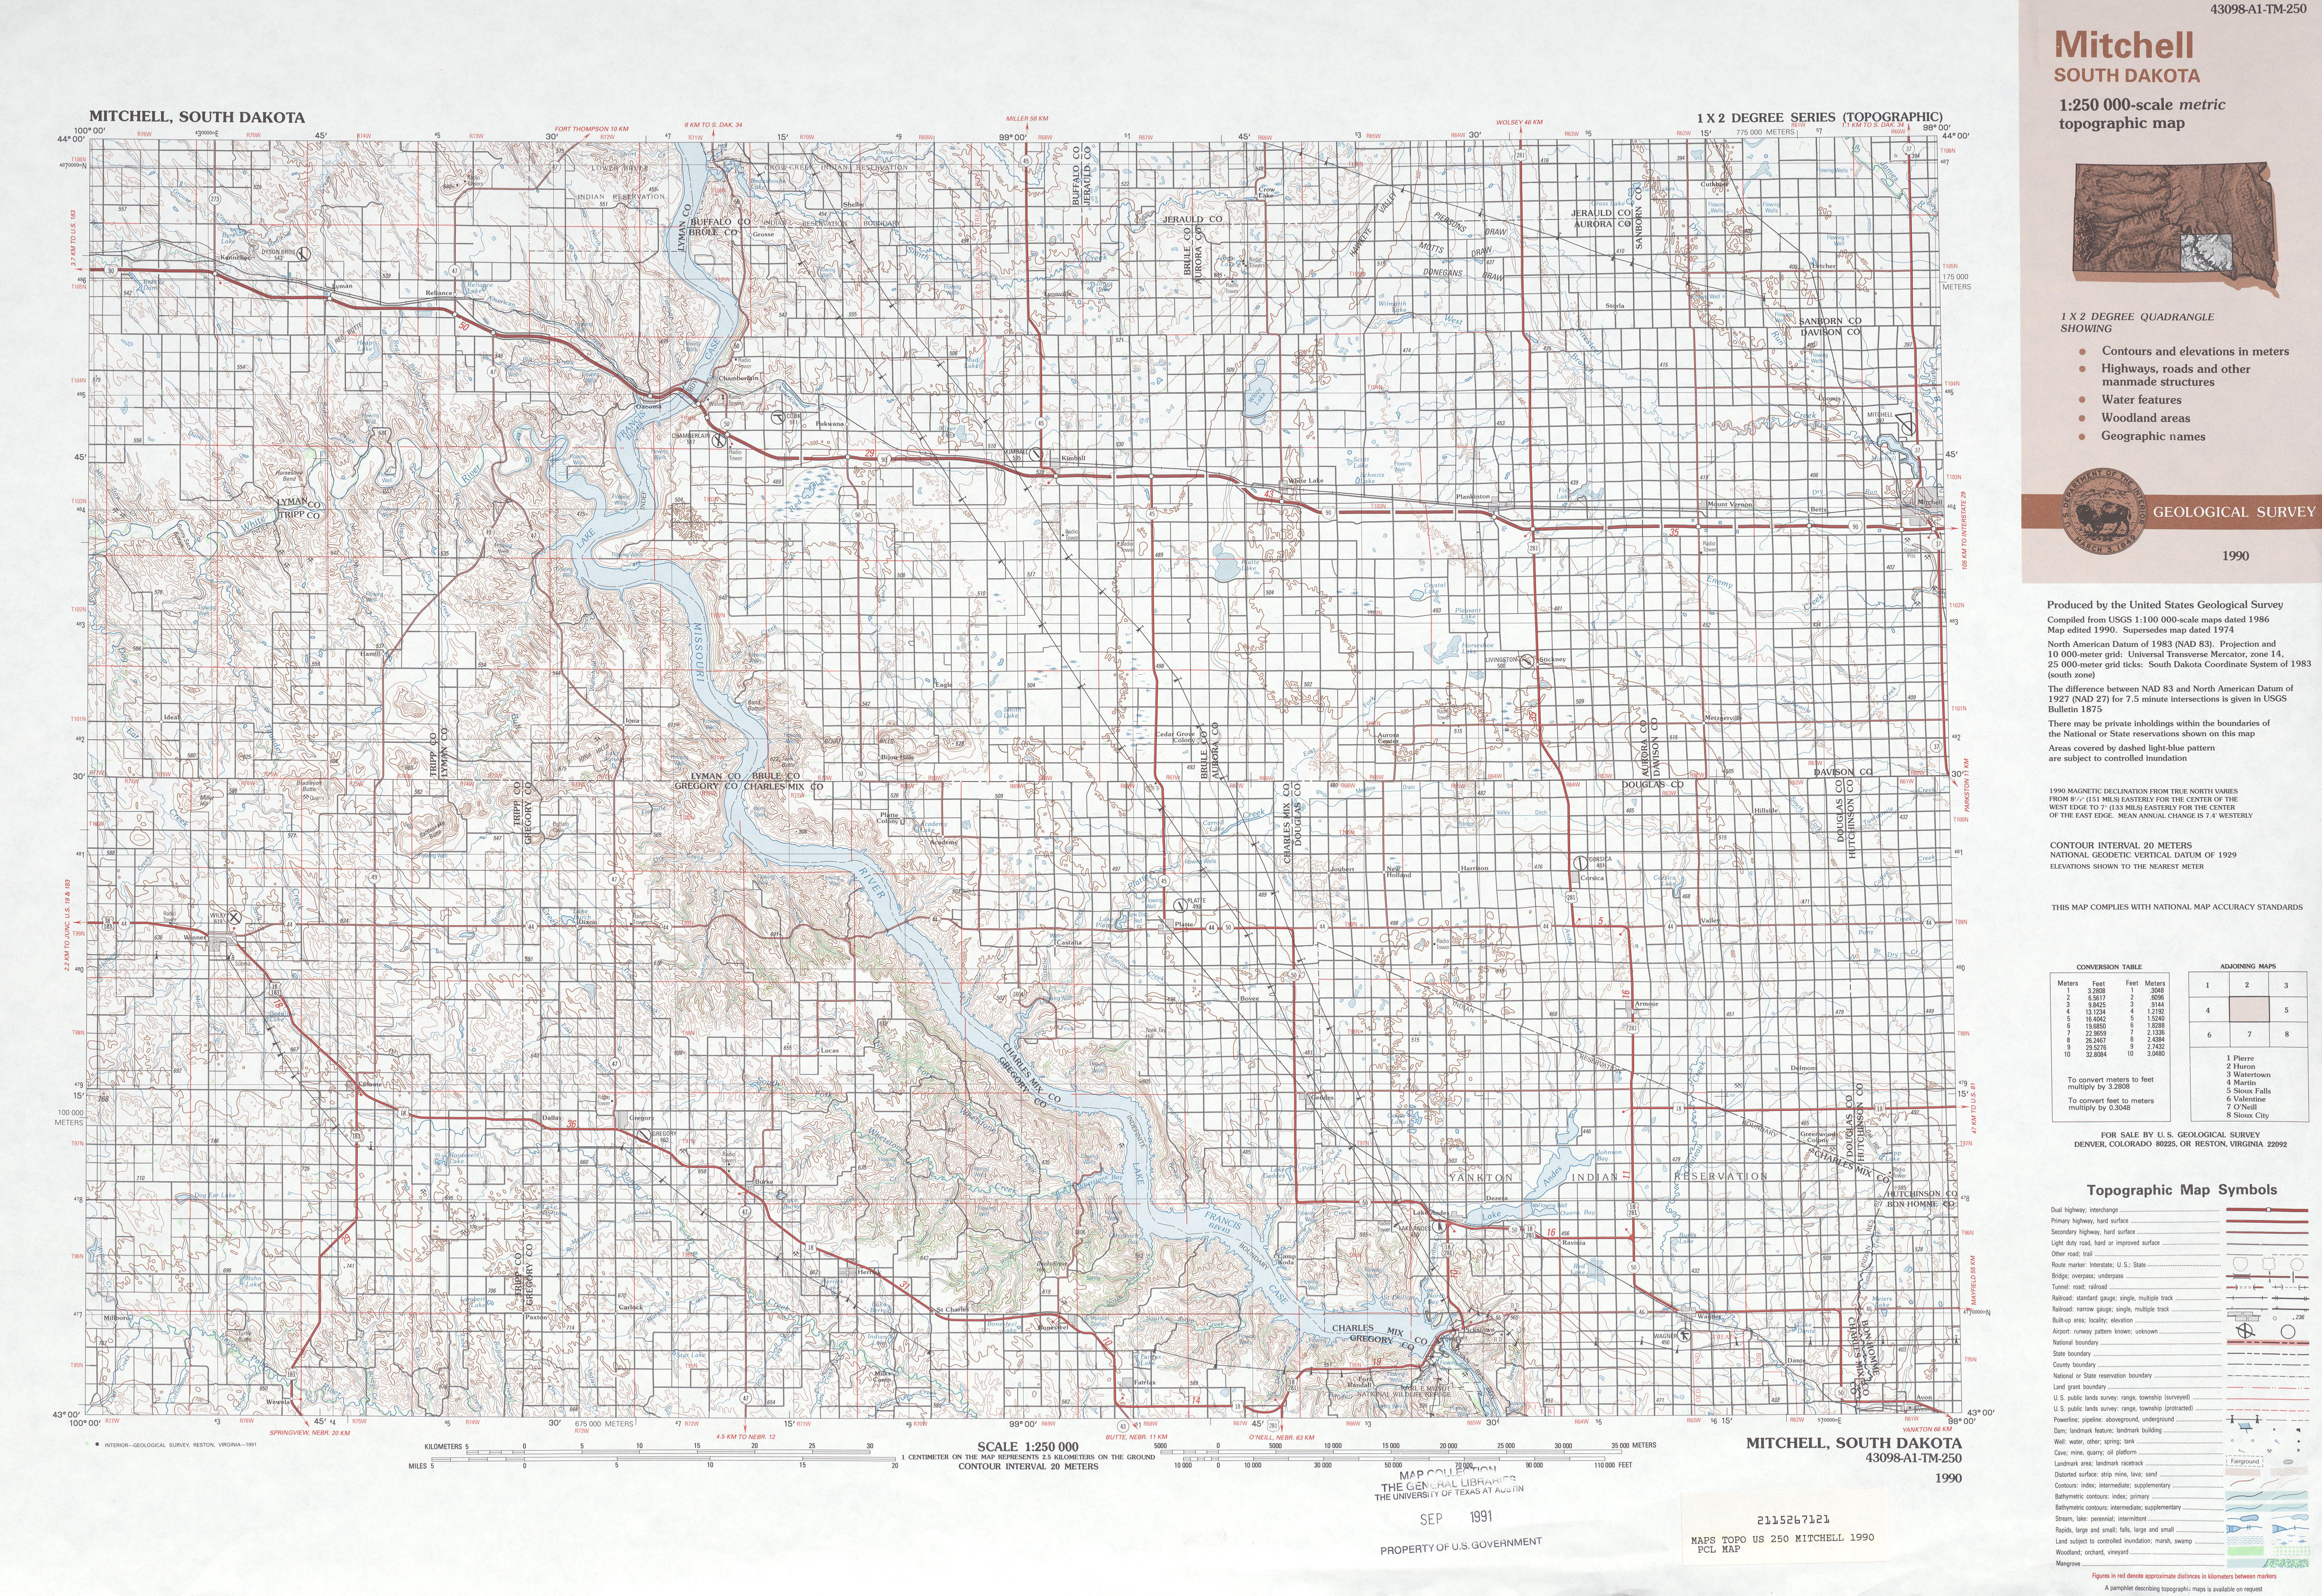 Hoja Mitchell del Mapa Topográfico de los Estados Unidos 1990